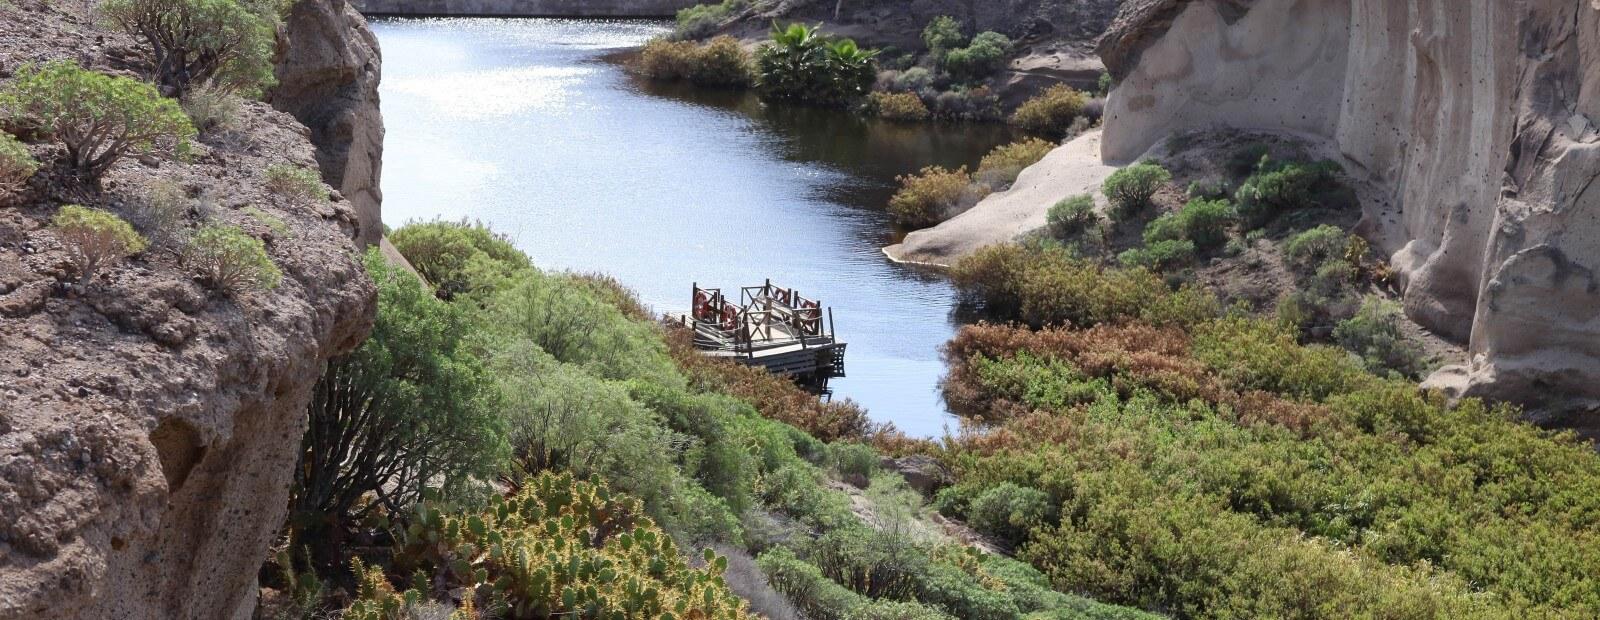 Environmental Reserve